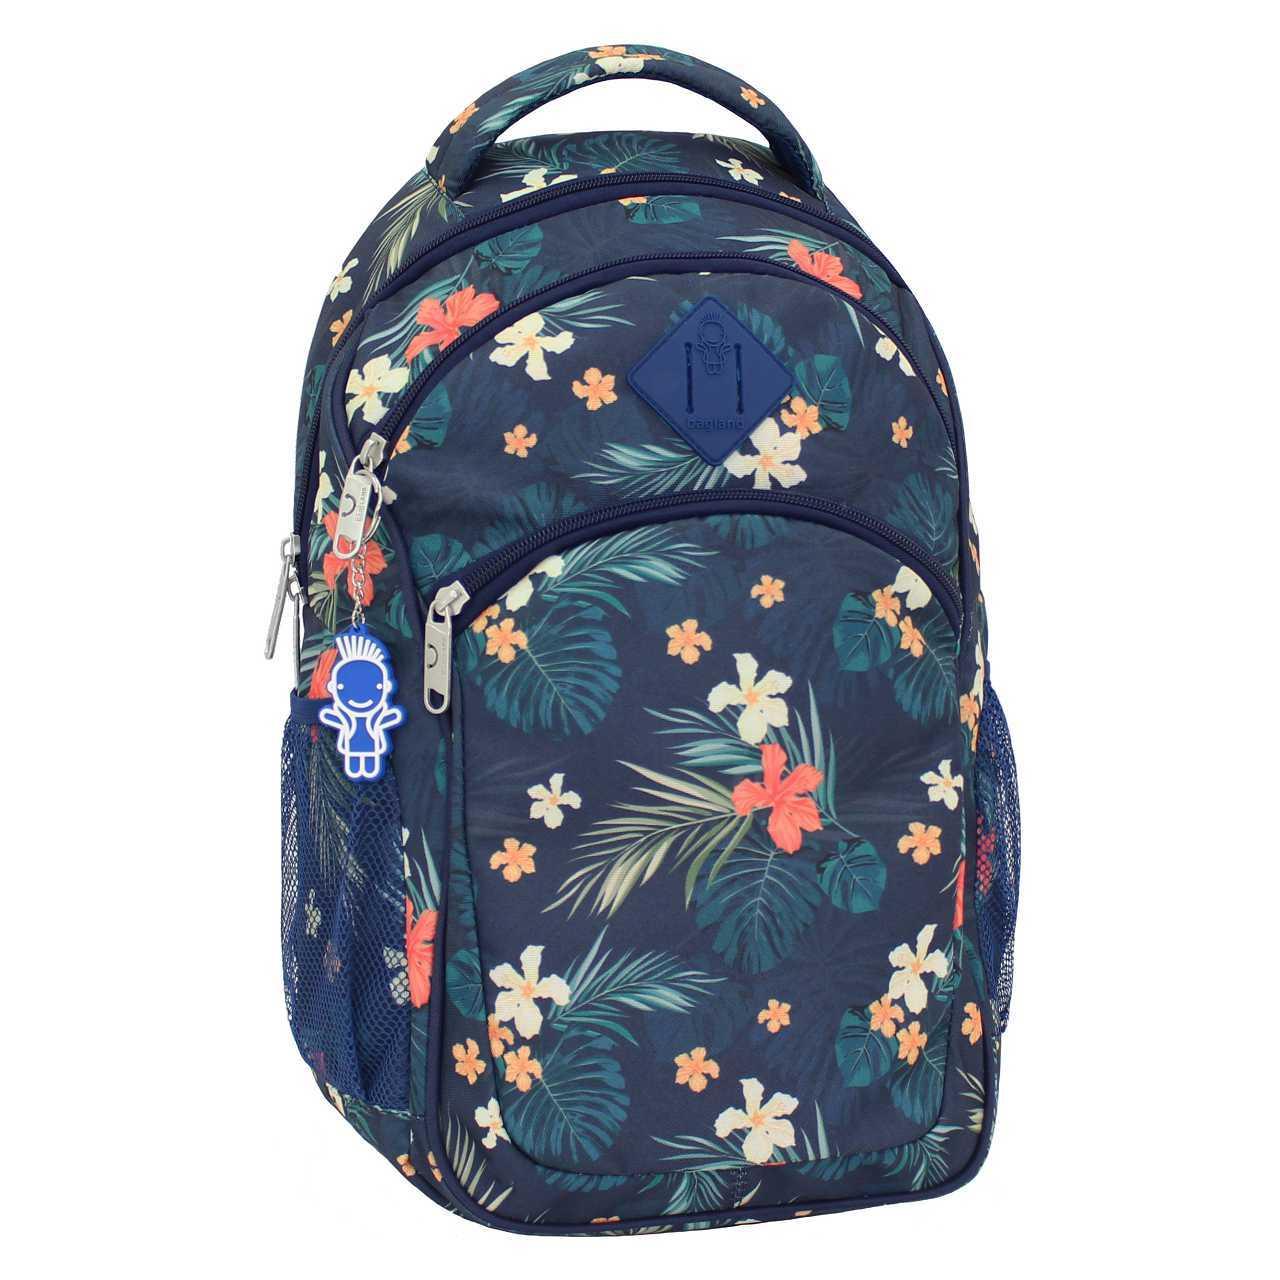 Городские рюкзаки Рюкзак Bagland Лик 21 л. сублимация (цветы) (00557664) IMG_7666.jpg